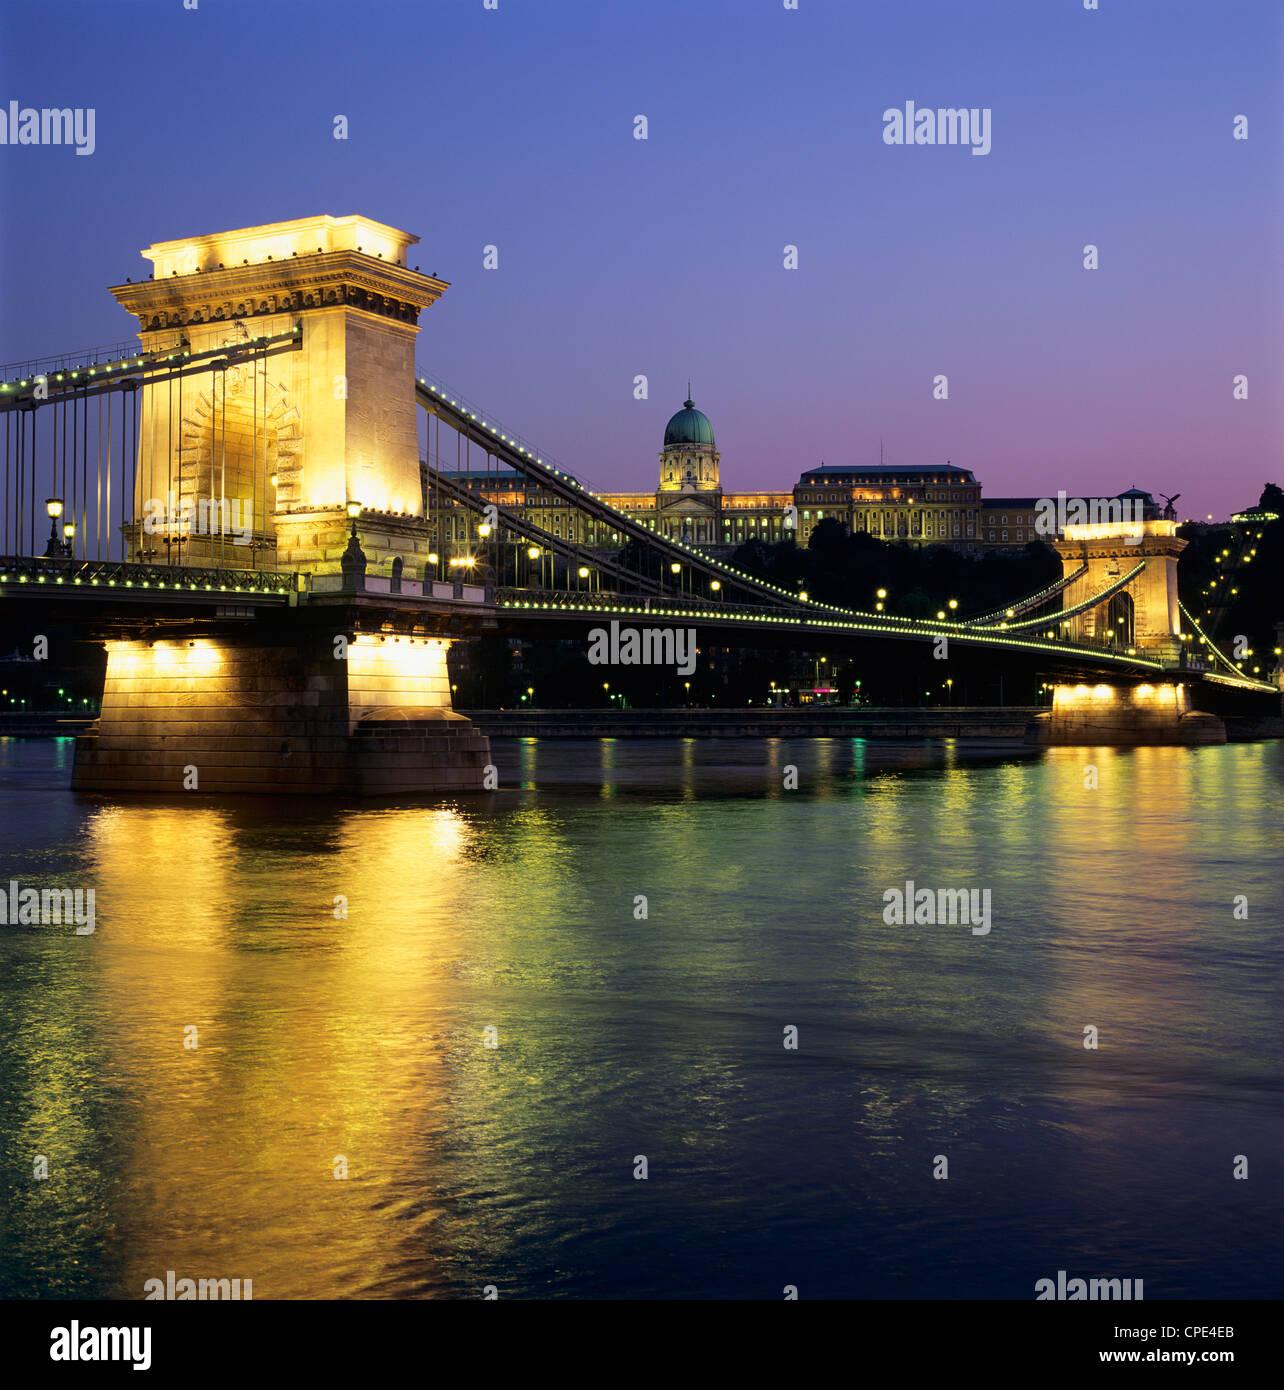 Royal Palace (Budavari Palota) (Buda Castle) and Chain Bridge at dusk, Buda, Budapest, Hungary, Europe Stock Photo